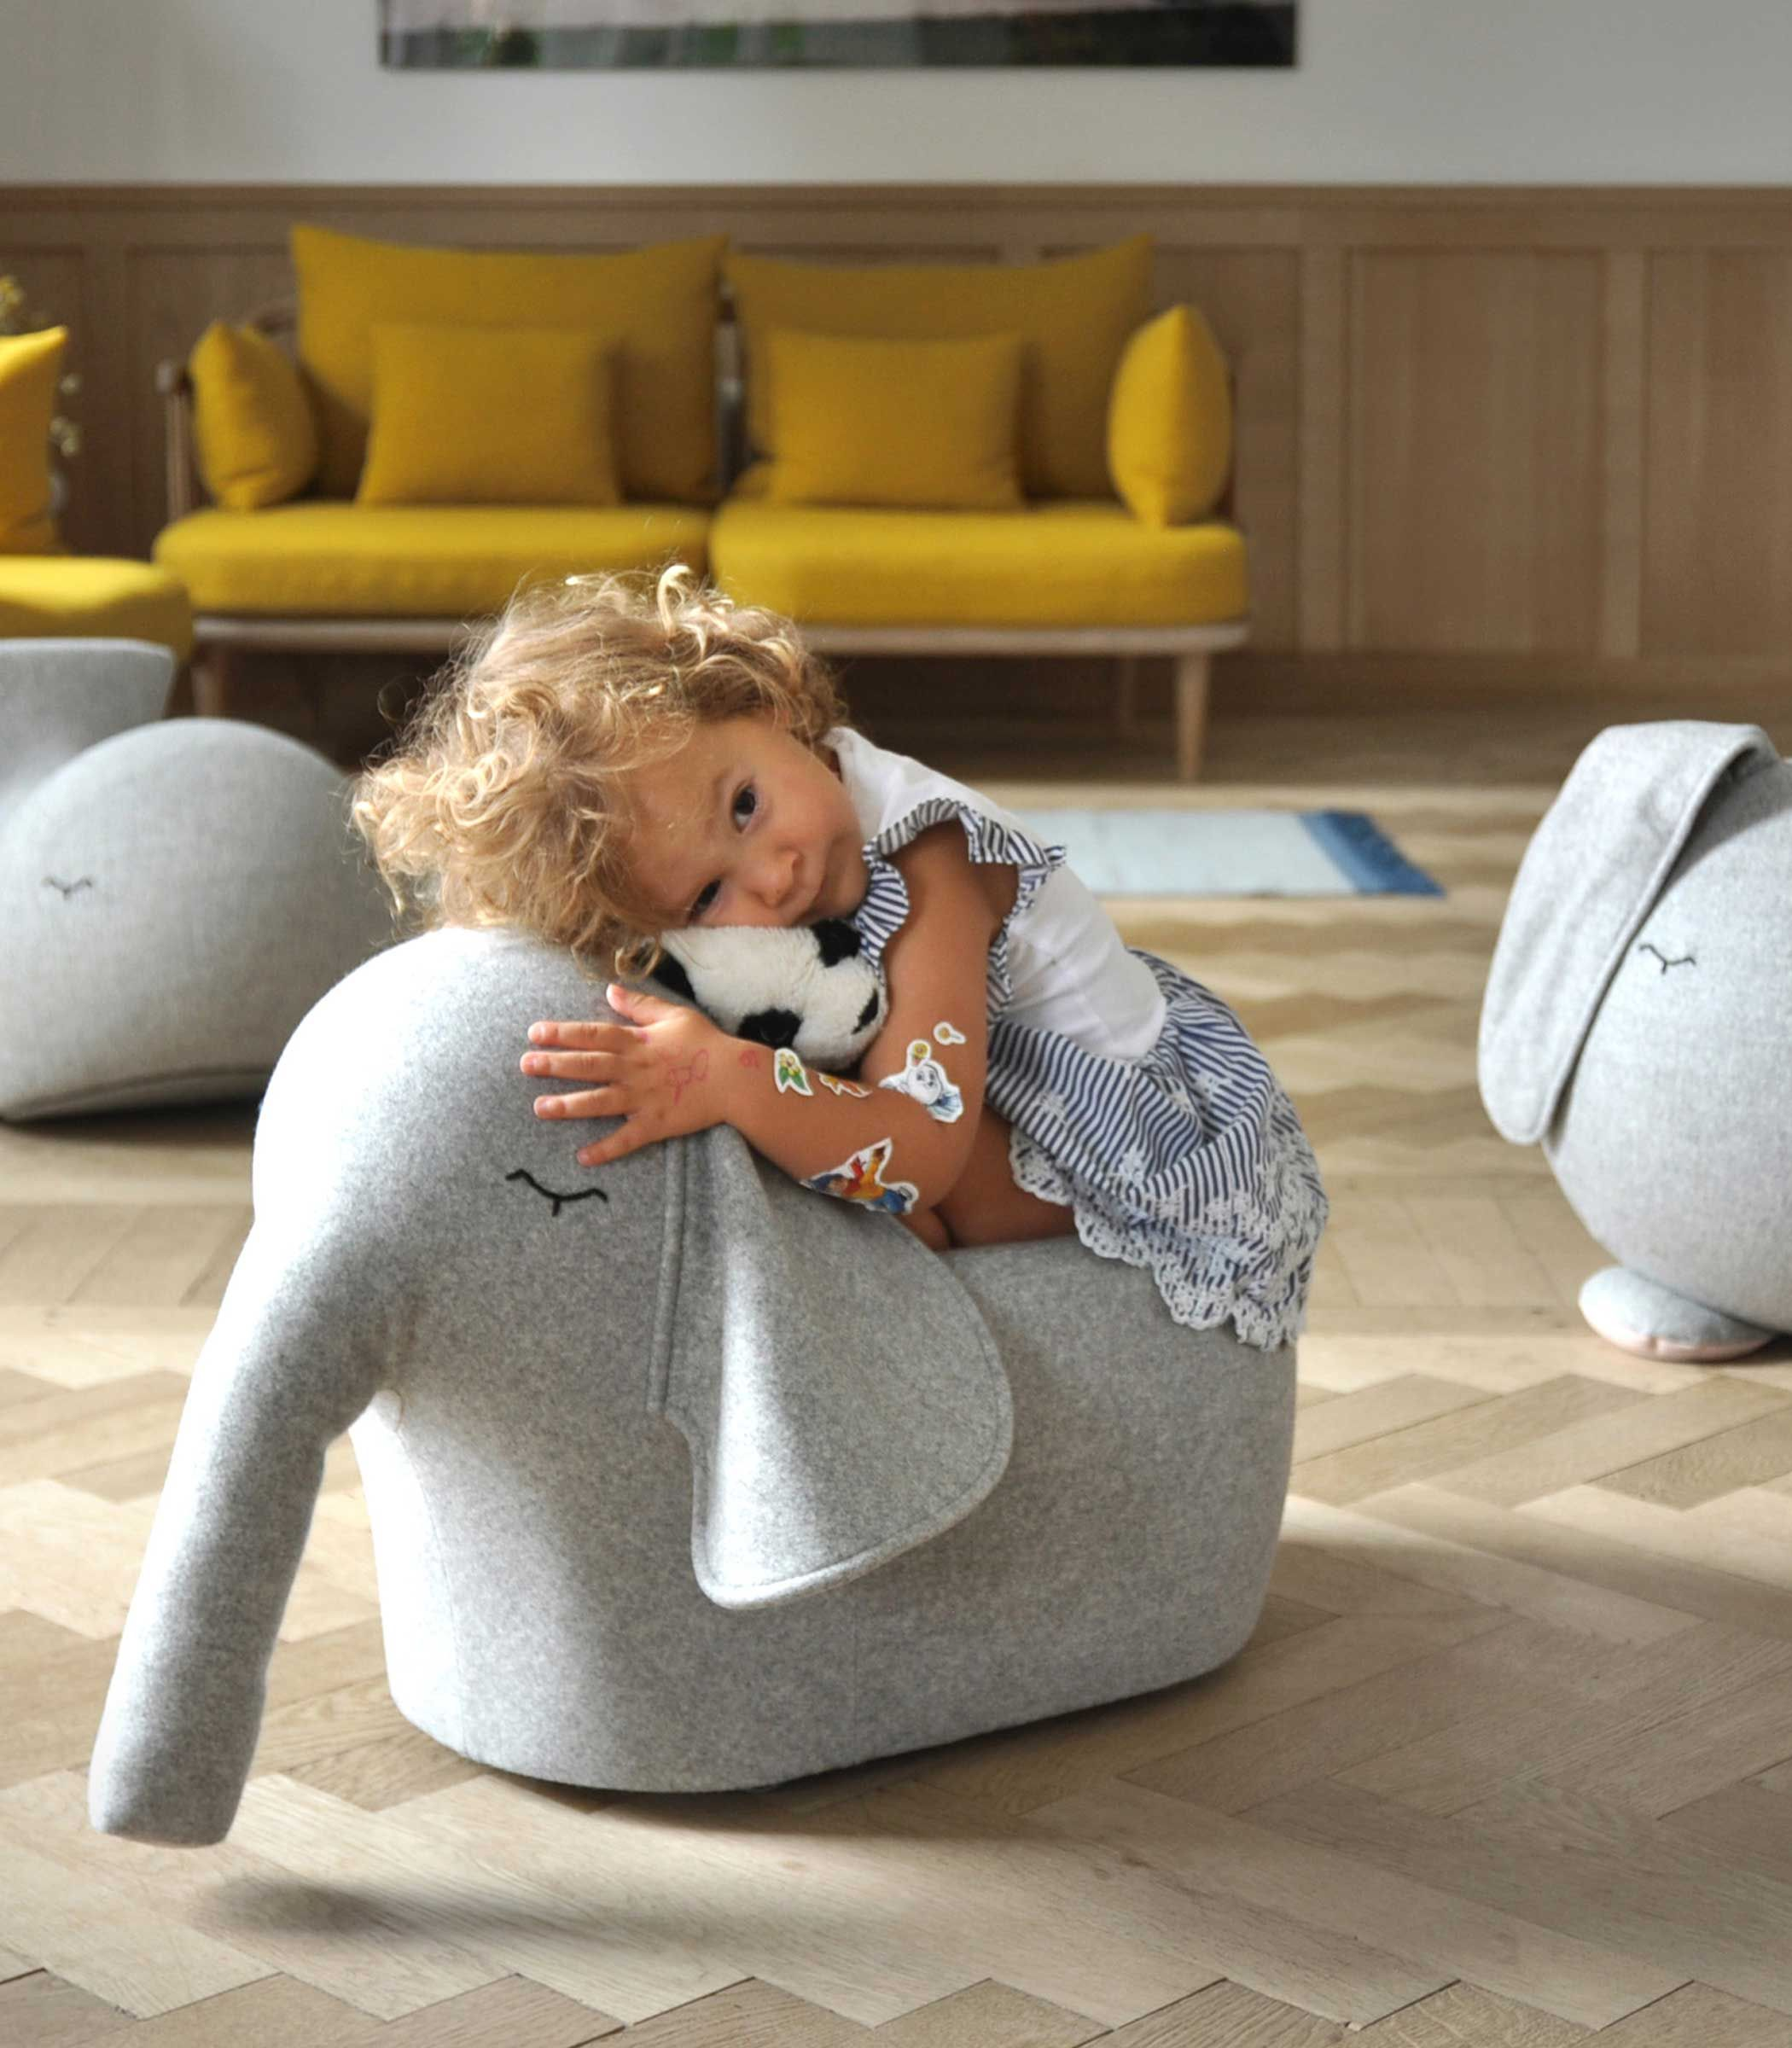 Ein Roll Elefanten Fur Zu Hause Ja Bitte Zum Erkunden Rumlaufen Und Spass Haben Kinderzimmer Lieblingssache C Bada Bou Oliv